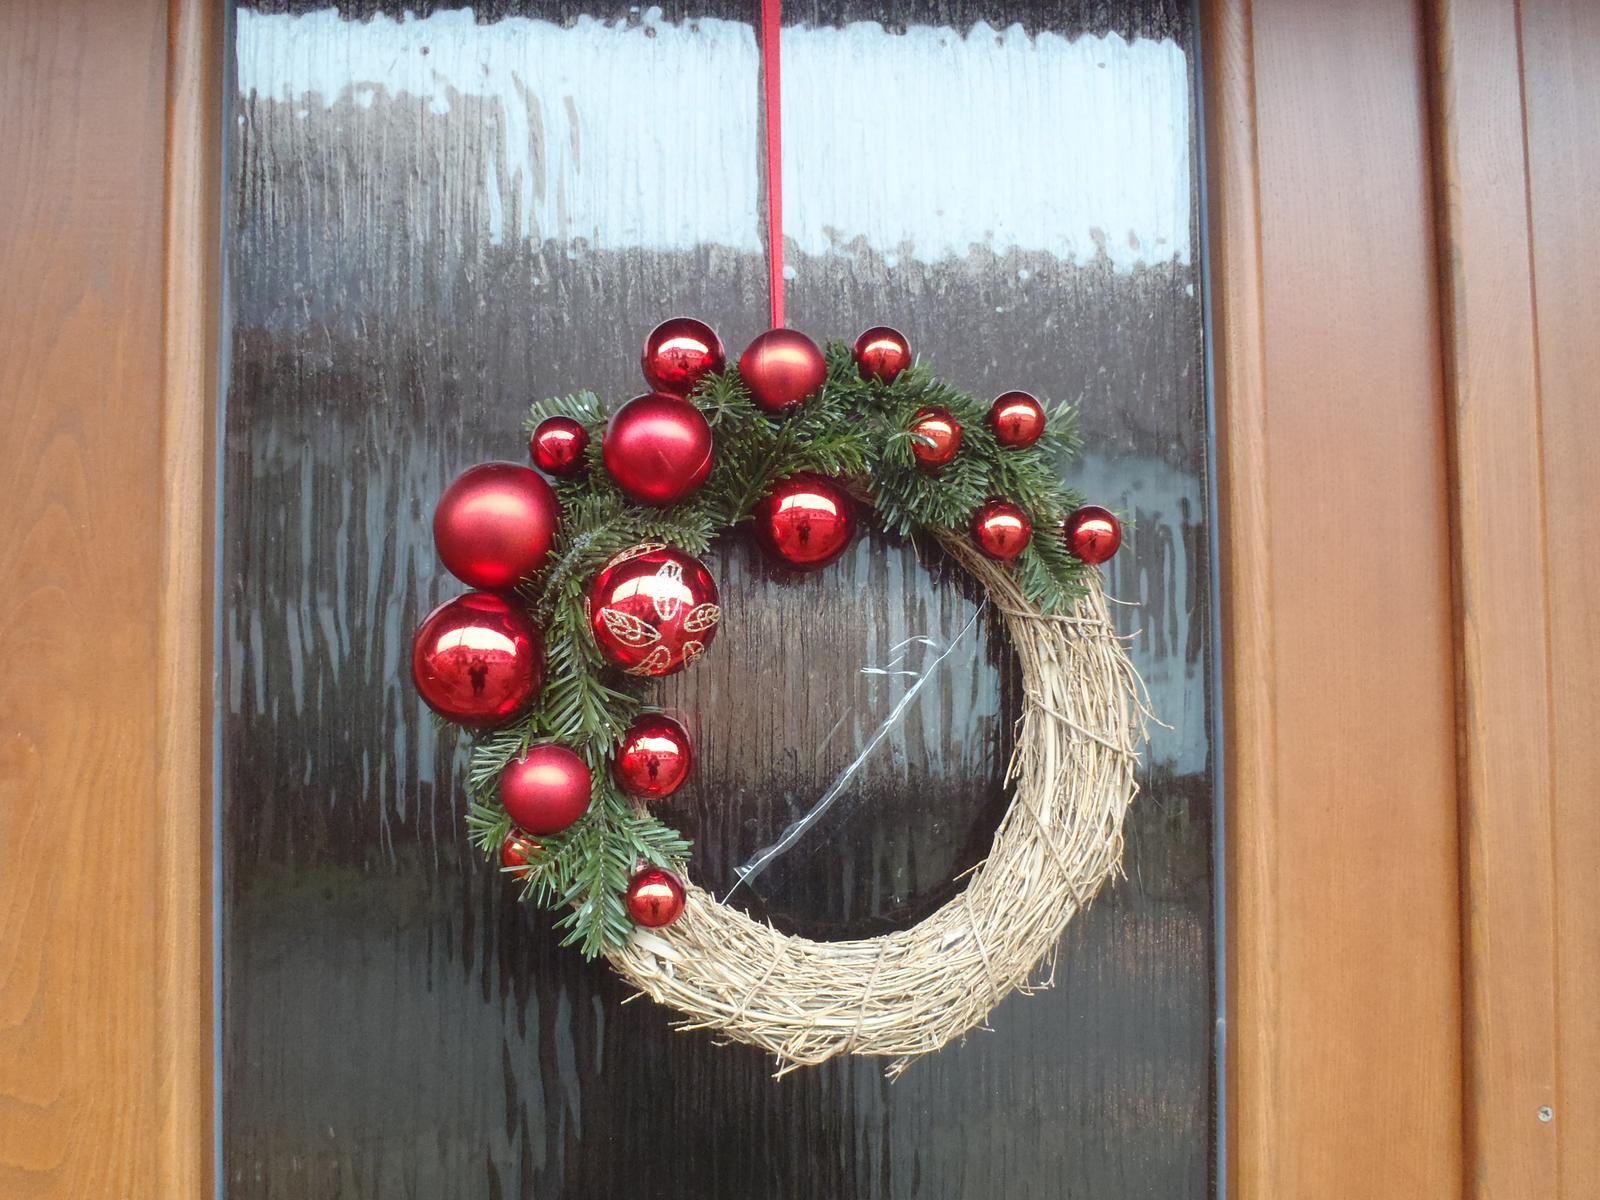 Vánoce 2012 - věneček na dveře vchodové, z ulice